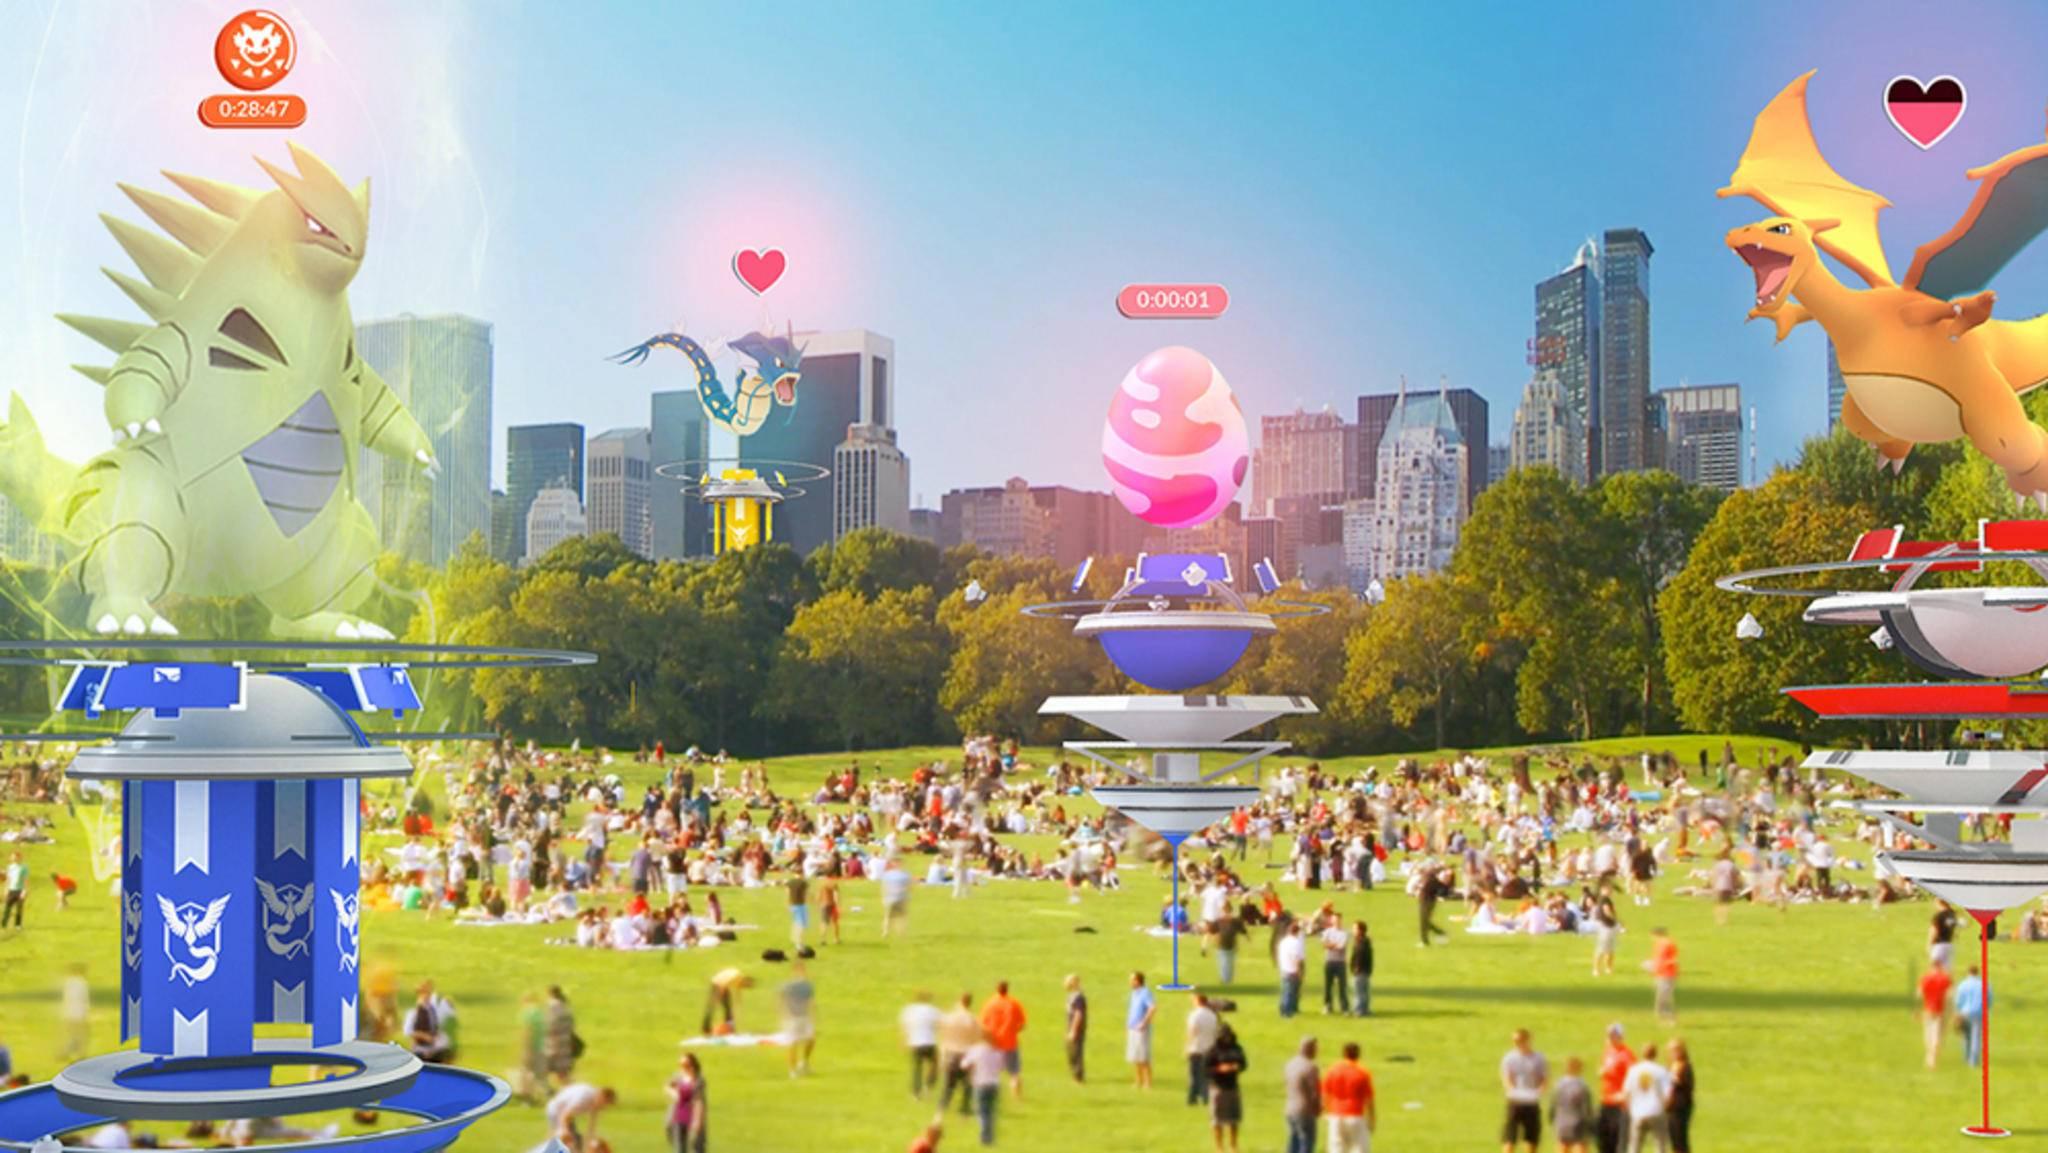 """Ein neues Update bringt mehr Interaktion zwischen Spielern zu """"Pokémon Go"""" und revolutioniert das Arena-System."""